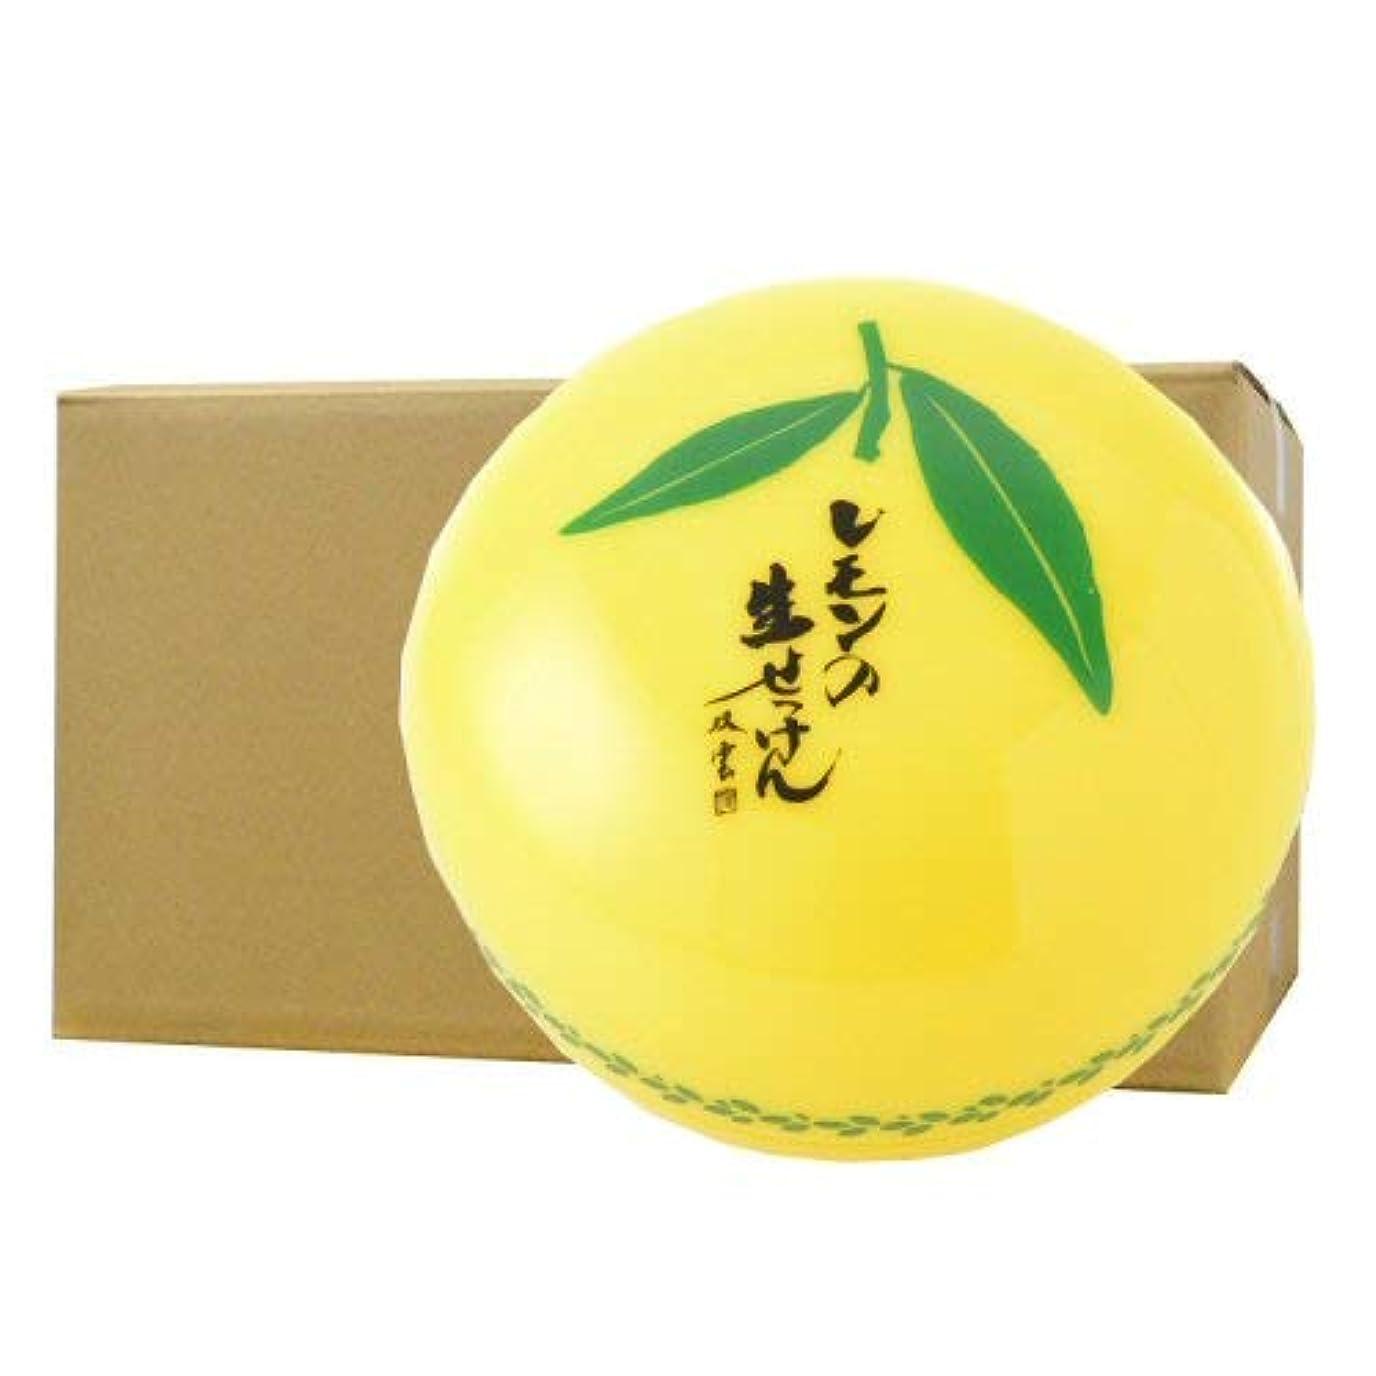 聖域知的飛び込む美香柑 レモンの生せっけん 洗顔石けん 無添加 スパチュラ?泡立てネット付 大容量 120g×24個ケース